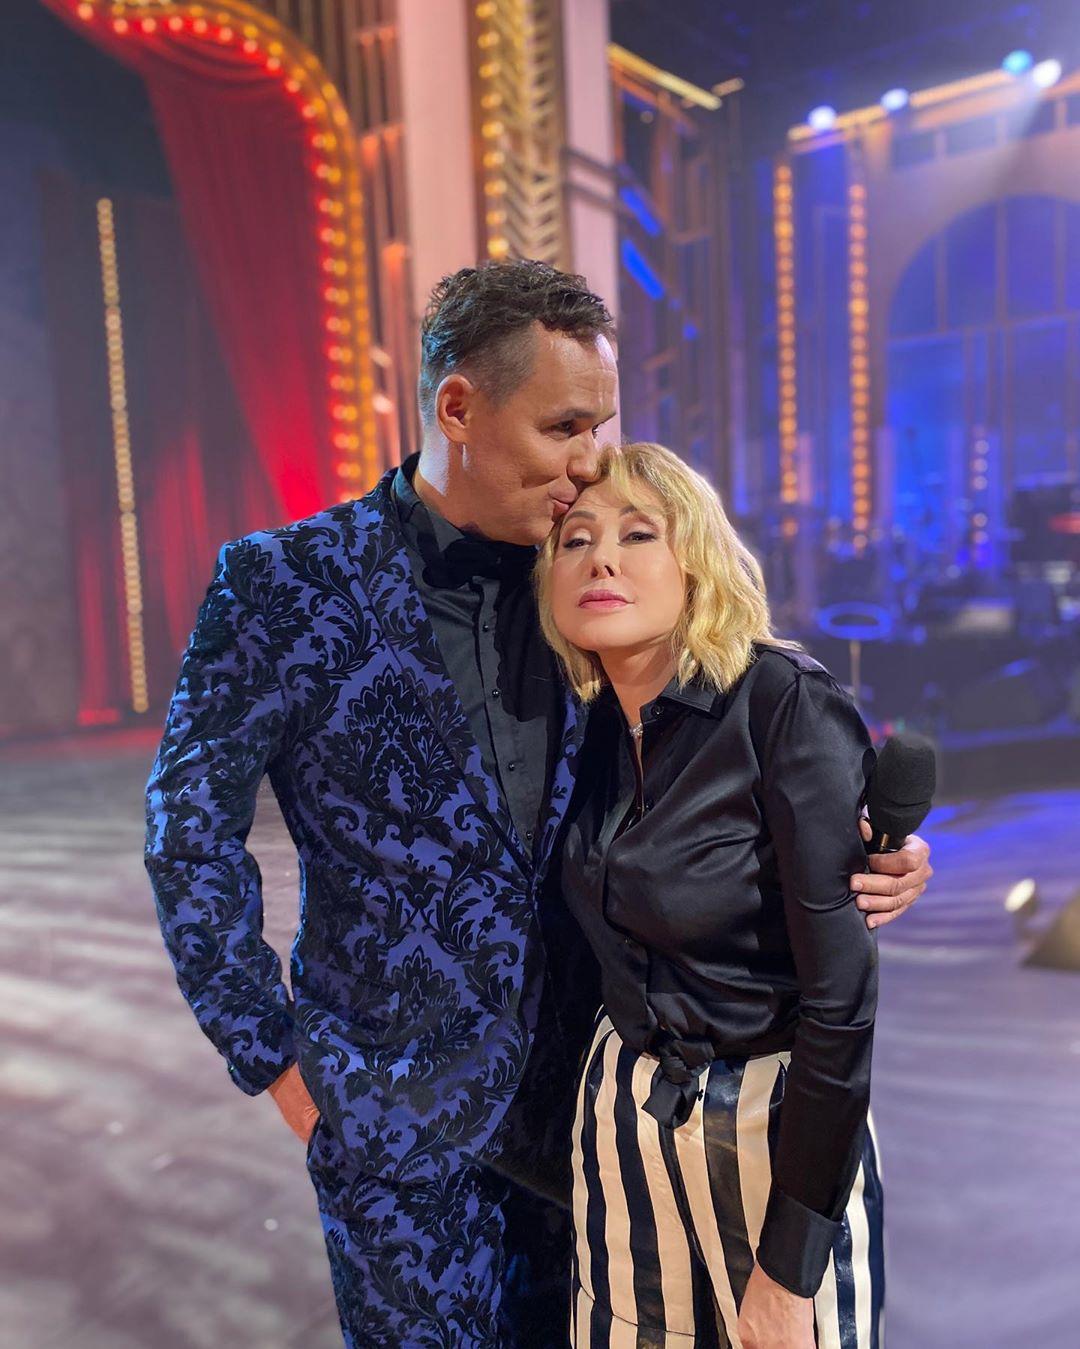 Любовь Успенская пришла в полосатых штанах на шоу «Три аккорда»